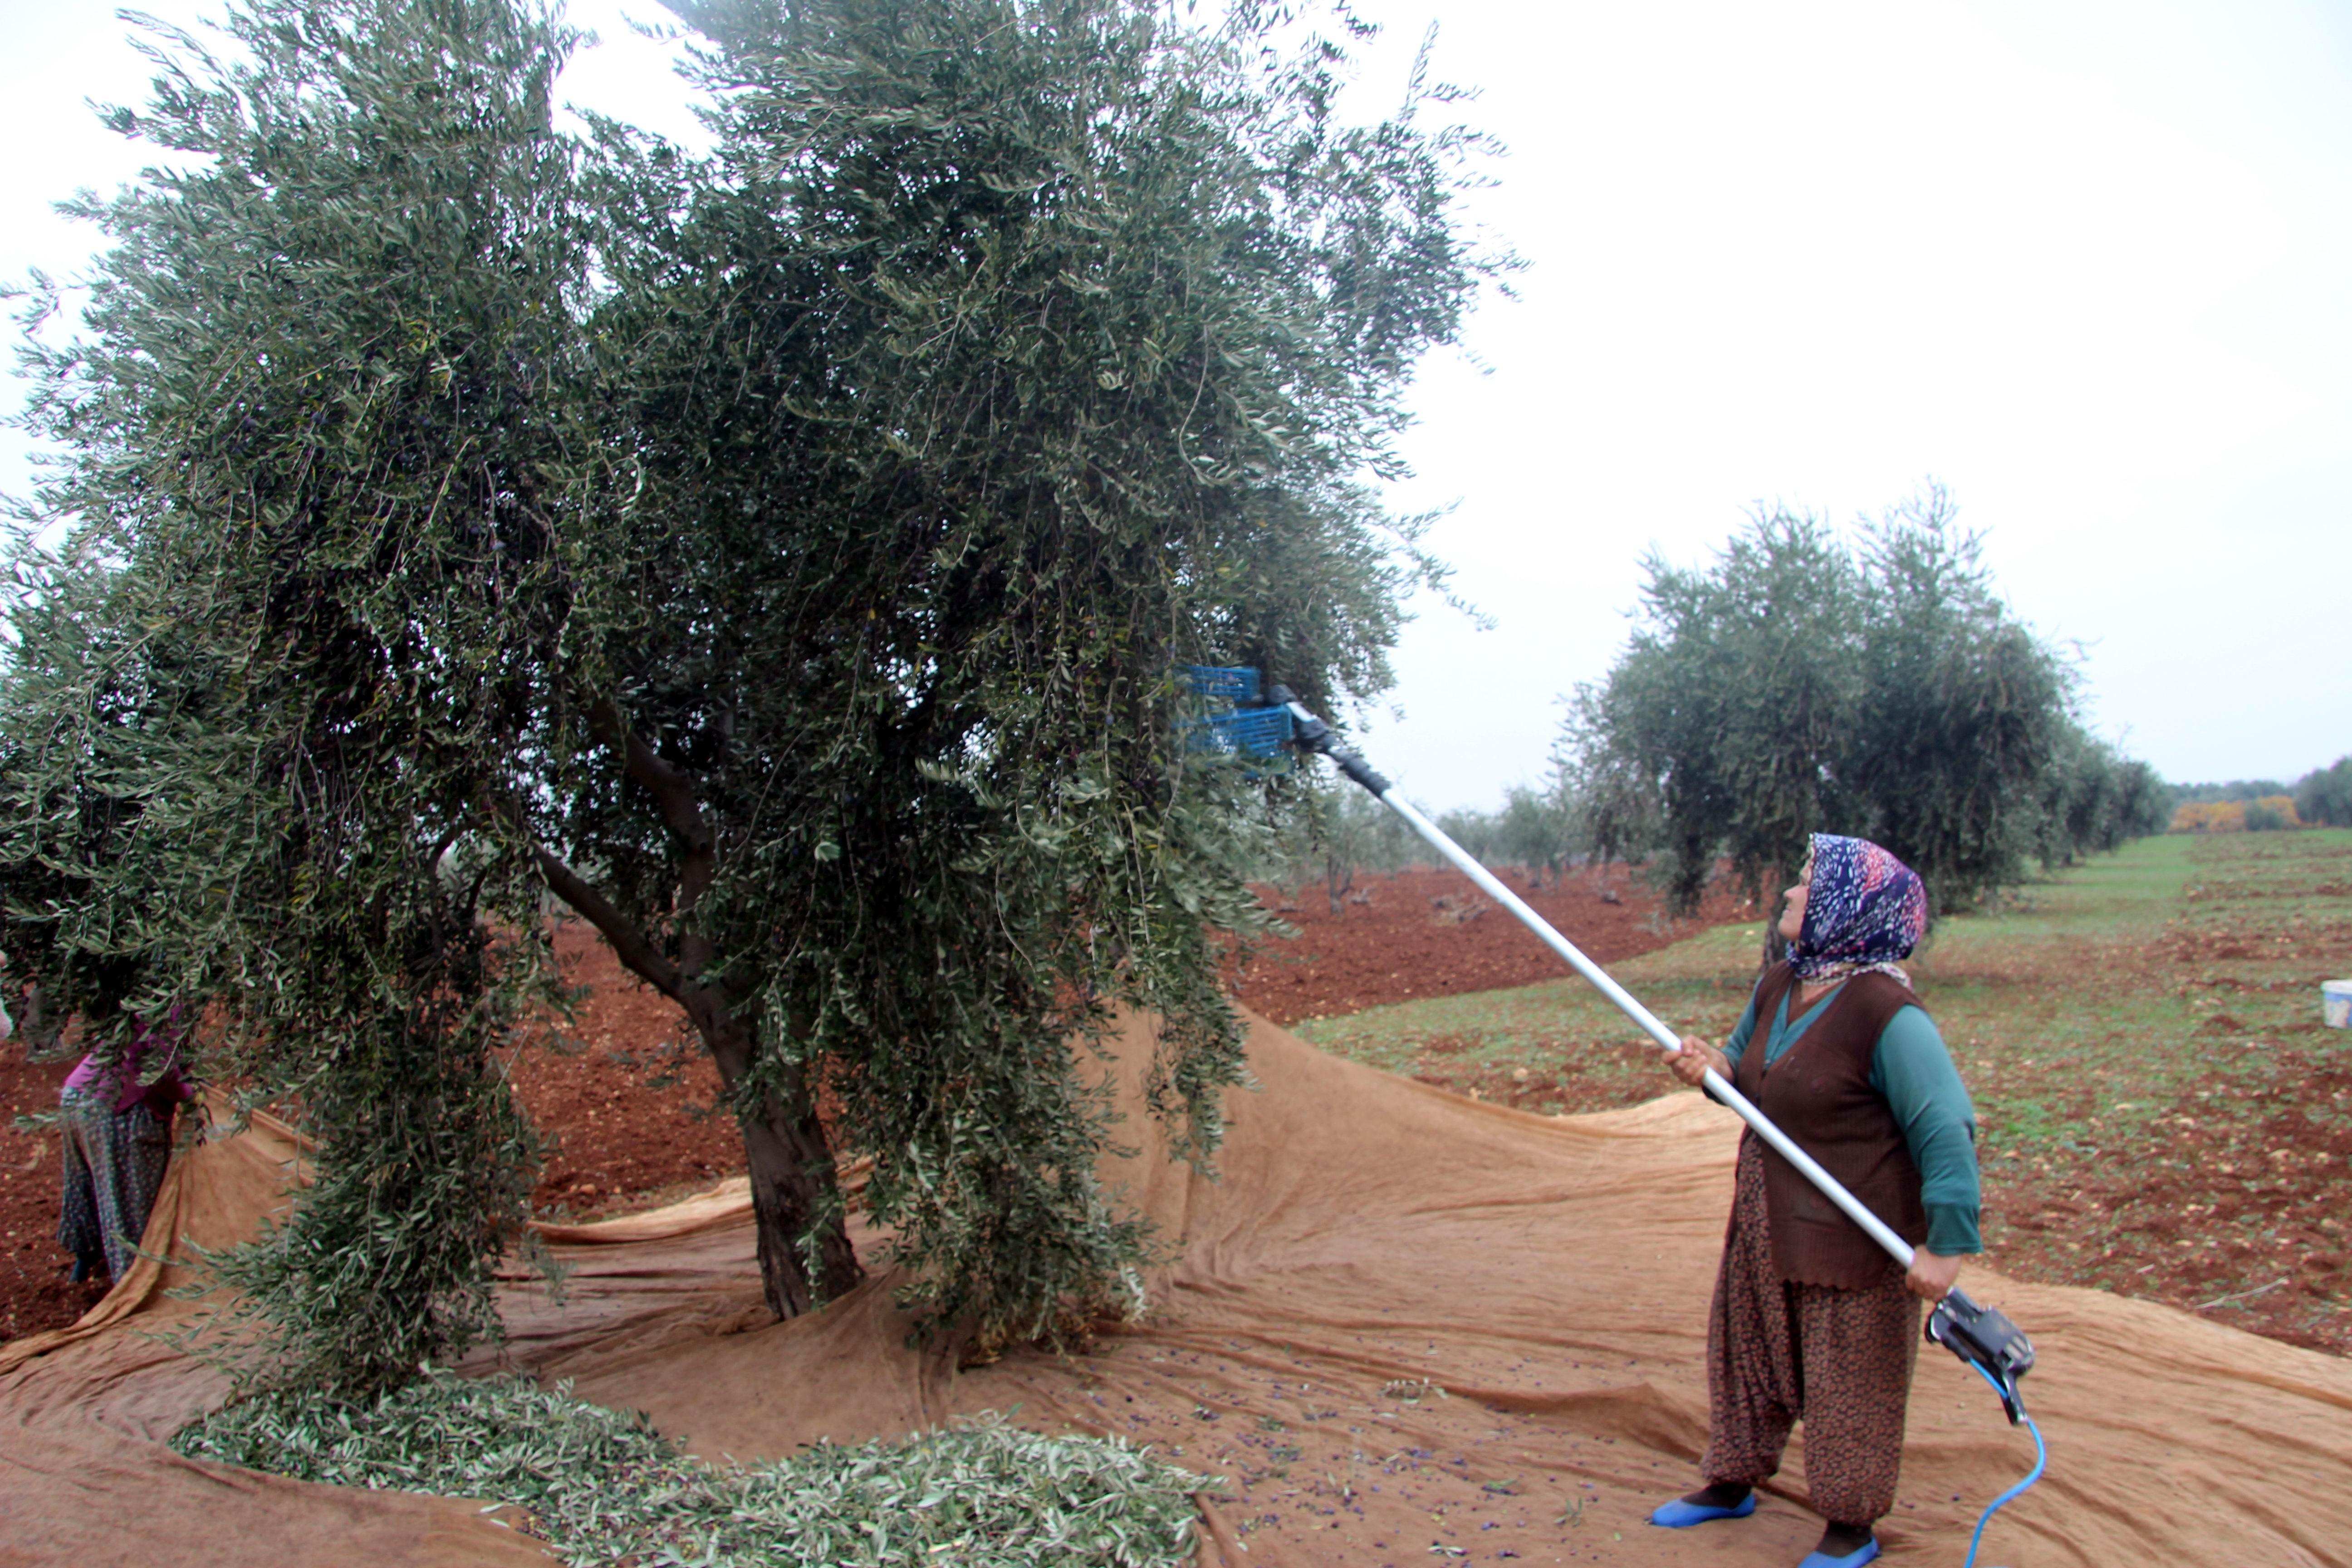 """<p>Türkiye'de, zeytin üretiminde önemli bir yeri olan Kilis'te zeytin hasadı sürerken, bu yıl zeytin rekoltesinde yüksek olması nedeniyle zeytin hasadı devam ediyor.</p> <p></p> <p>Kilis ve yöresinde bu yıl Ekim ayı içerisinde başlayan zeytin hasadının Aralık ayının sonuna ulaşılmasına rağmen zeytin hasadı sürüyor. Kilis'te zeytin bahçelerindeki zeytinlerin 4'de 3'ü toplandı. Rekoltenin yüksek olması nedeniyle bu yıl zeytin hasadının ocak ayında da devam etmesi bekleniyor. Kilis'te güneşli havalardan yararlanan zeytin üreticileri, zeytin hasadı için zeytin bahçelerine giderek hasada devam ediyor. Önceki yıllara oranla rekoltenin yüksek olduğu bu nedenle zeytinde var yılı olduğu bildirildi.</p> <p></p> <p>Zeytin ağaçları fazla olan üreticiler, bir an önce zeytinlerini toplayarak yağa dönüşmesi için canla başla çalışıyor. Zeytin üreticileri, zeytin hasadının devam ettiğini, havaların da iyi gitmesi nedeniyle zeytin toplamayı sürdürdüklerini, zeytinyağının kilosunun 20-25 TL arasında satıldığını ifade ettiler.</p> <p></p> <p>Zeytinyağı Fabrikası Sahibi Süleyman Mercimek, Zeytinde var yılı olduğunu ifade ederek, """"Sezonumunuz güzel geçiyor. Zeytin hasadının ocak ayının 15'ine kadar devem edeceğini düşünüyoruz. Zeytinyağının asit oranına göre 20-25 TL arasında değişen fiyatlarla acılı buluyor"""" dedi.</p>"""